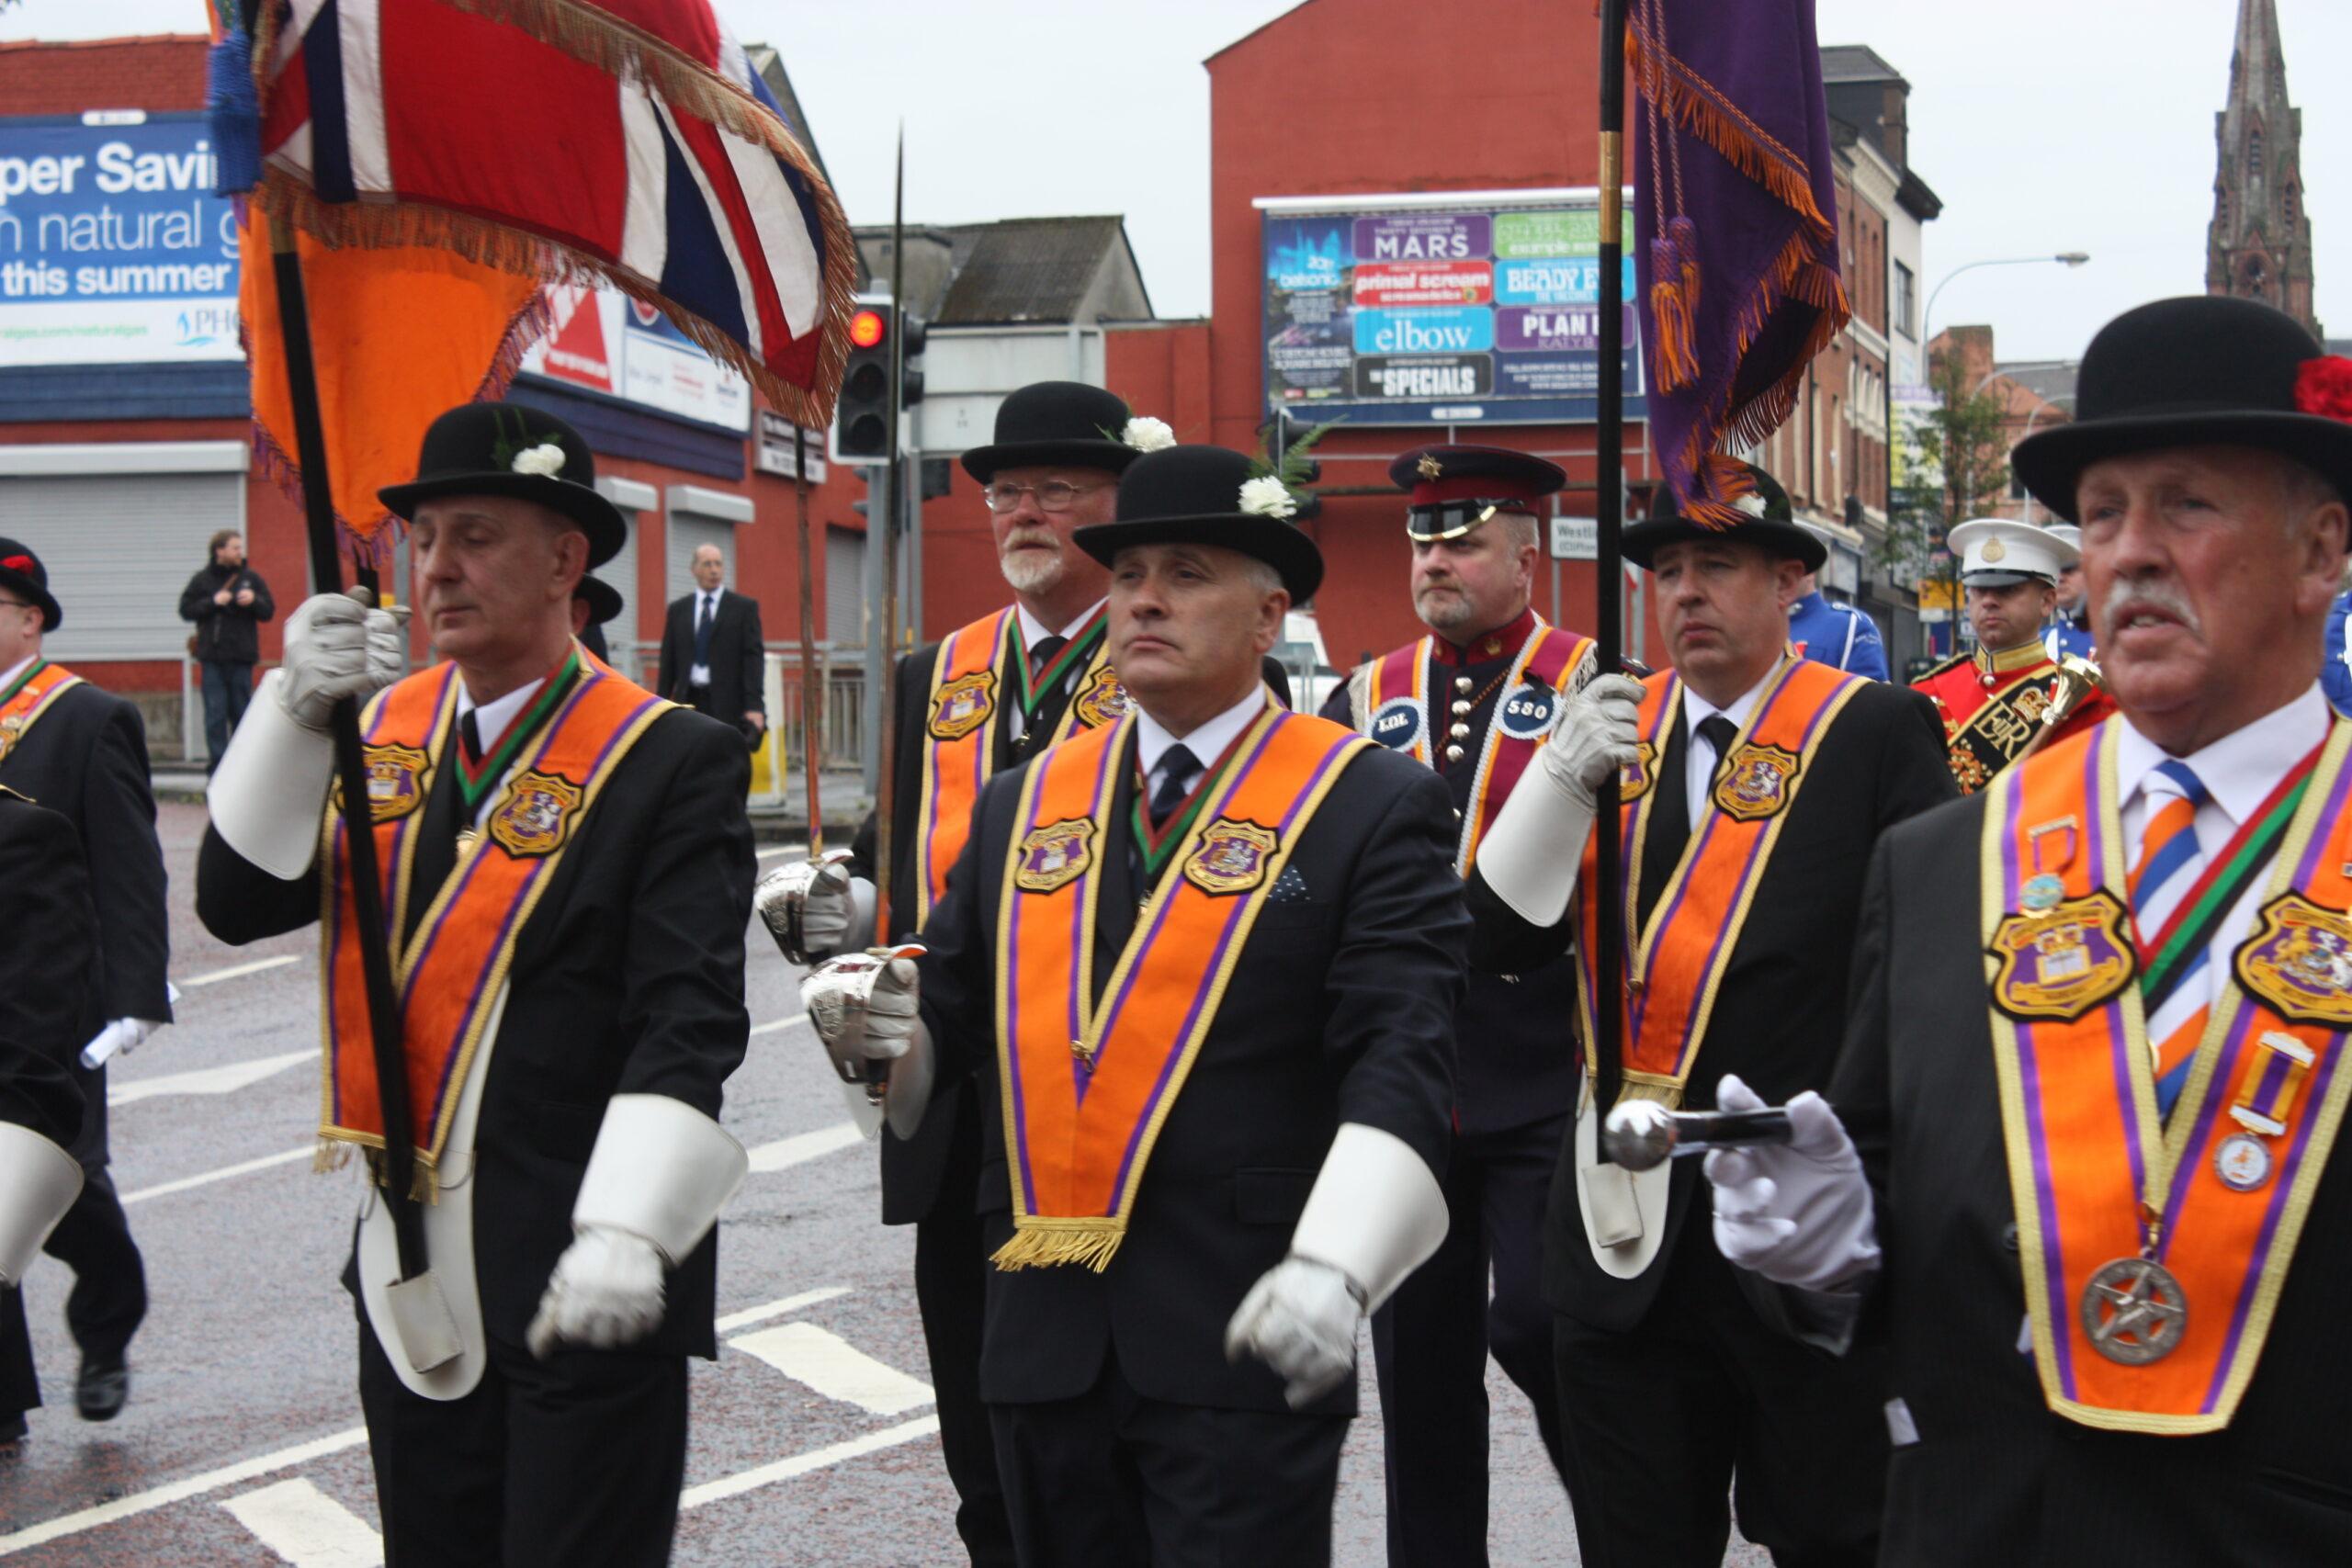 The Twelfth в Северной Ирландии